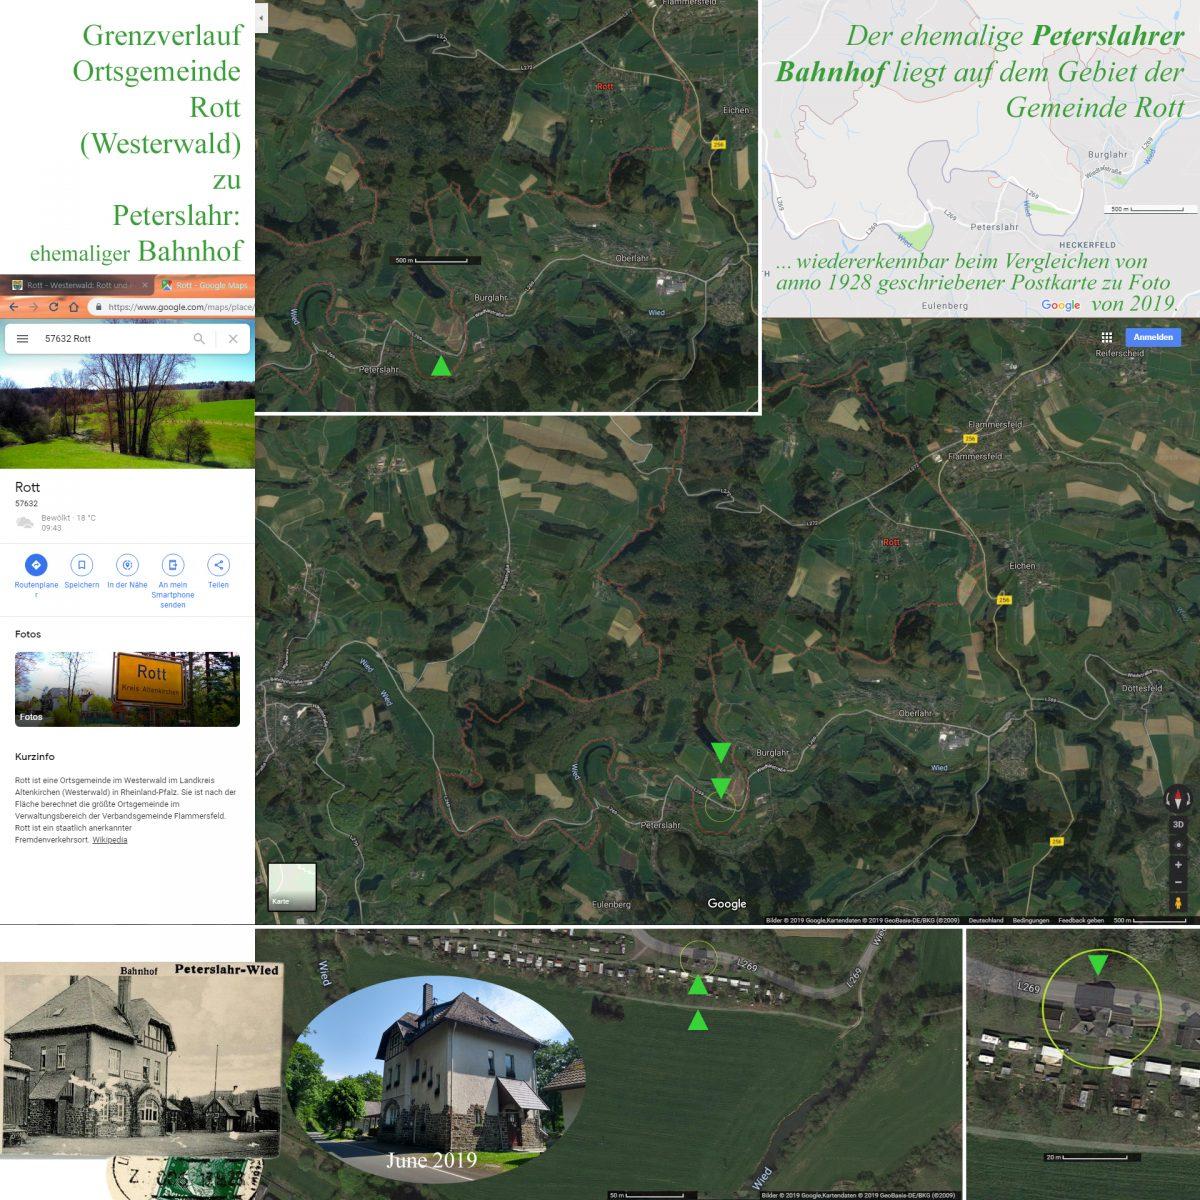 Grenzverlauf Rott Peterslahr Westerwald Google Maps